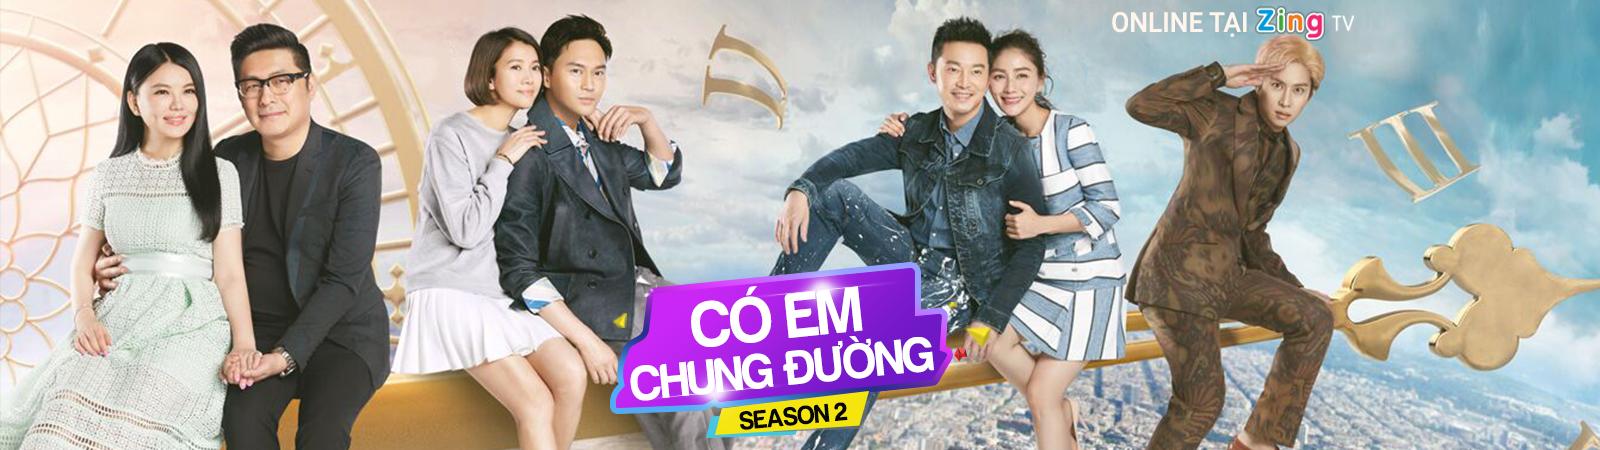 Tập 7 - Có Em Chung Đường 2016